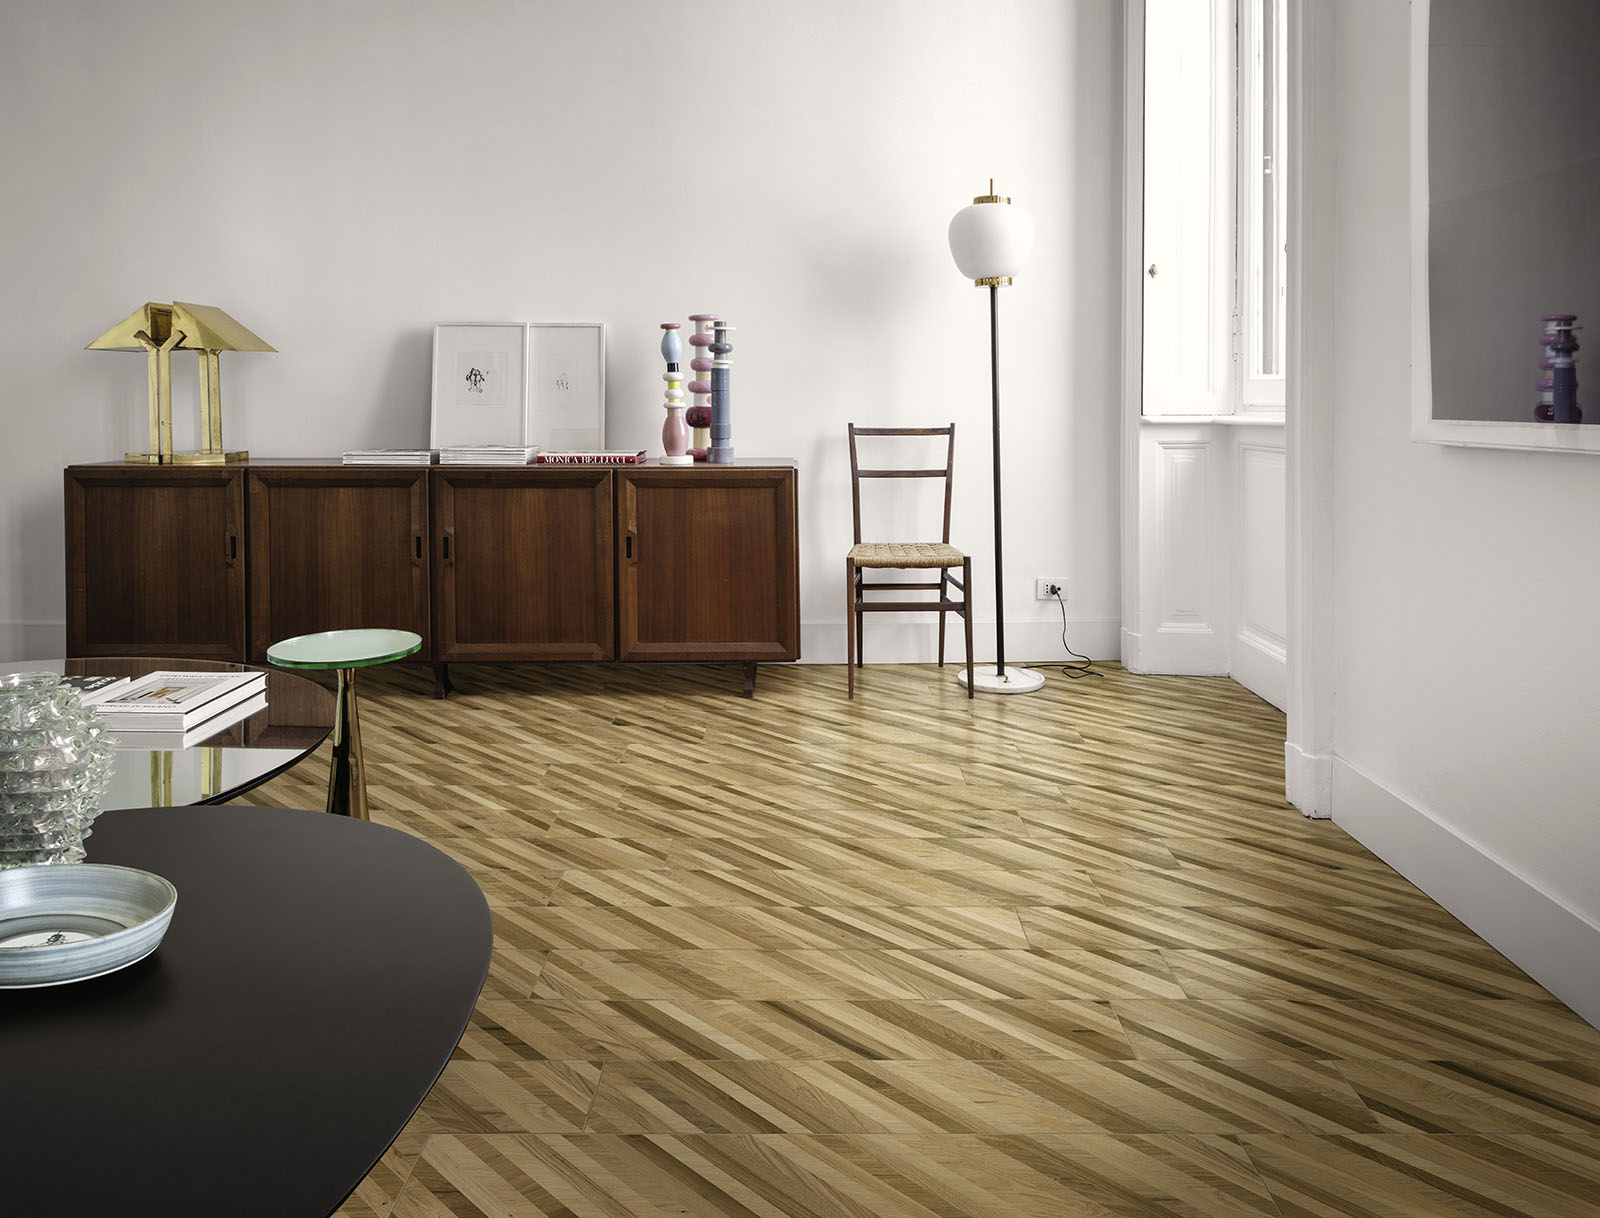 Gres porcellanato effetto legno e parquet marazzi - Gres porcellanato effetto legno in bagno ...